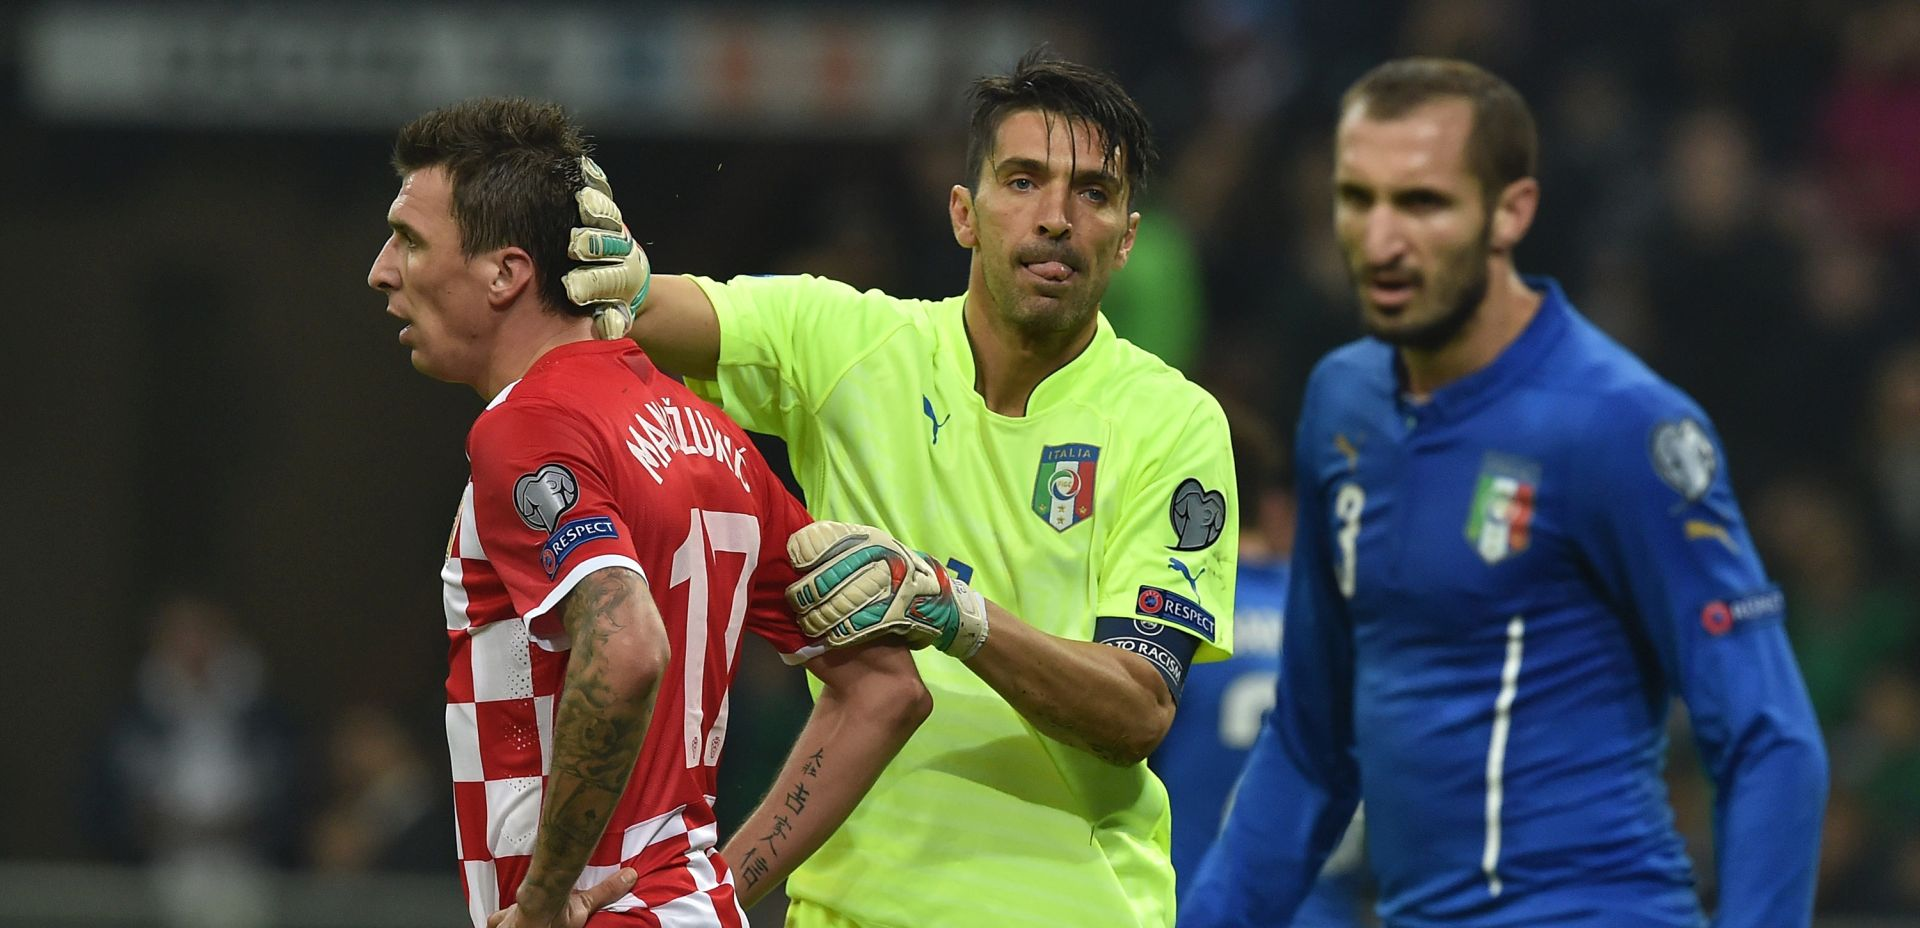 VIDEO: POVIJESNI USPJEH Juventus u čast Buffona postavio video u trajanju 973 minute